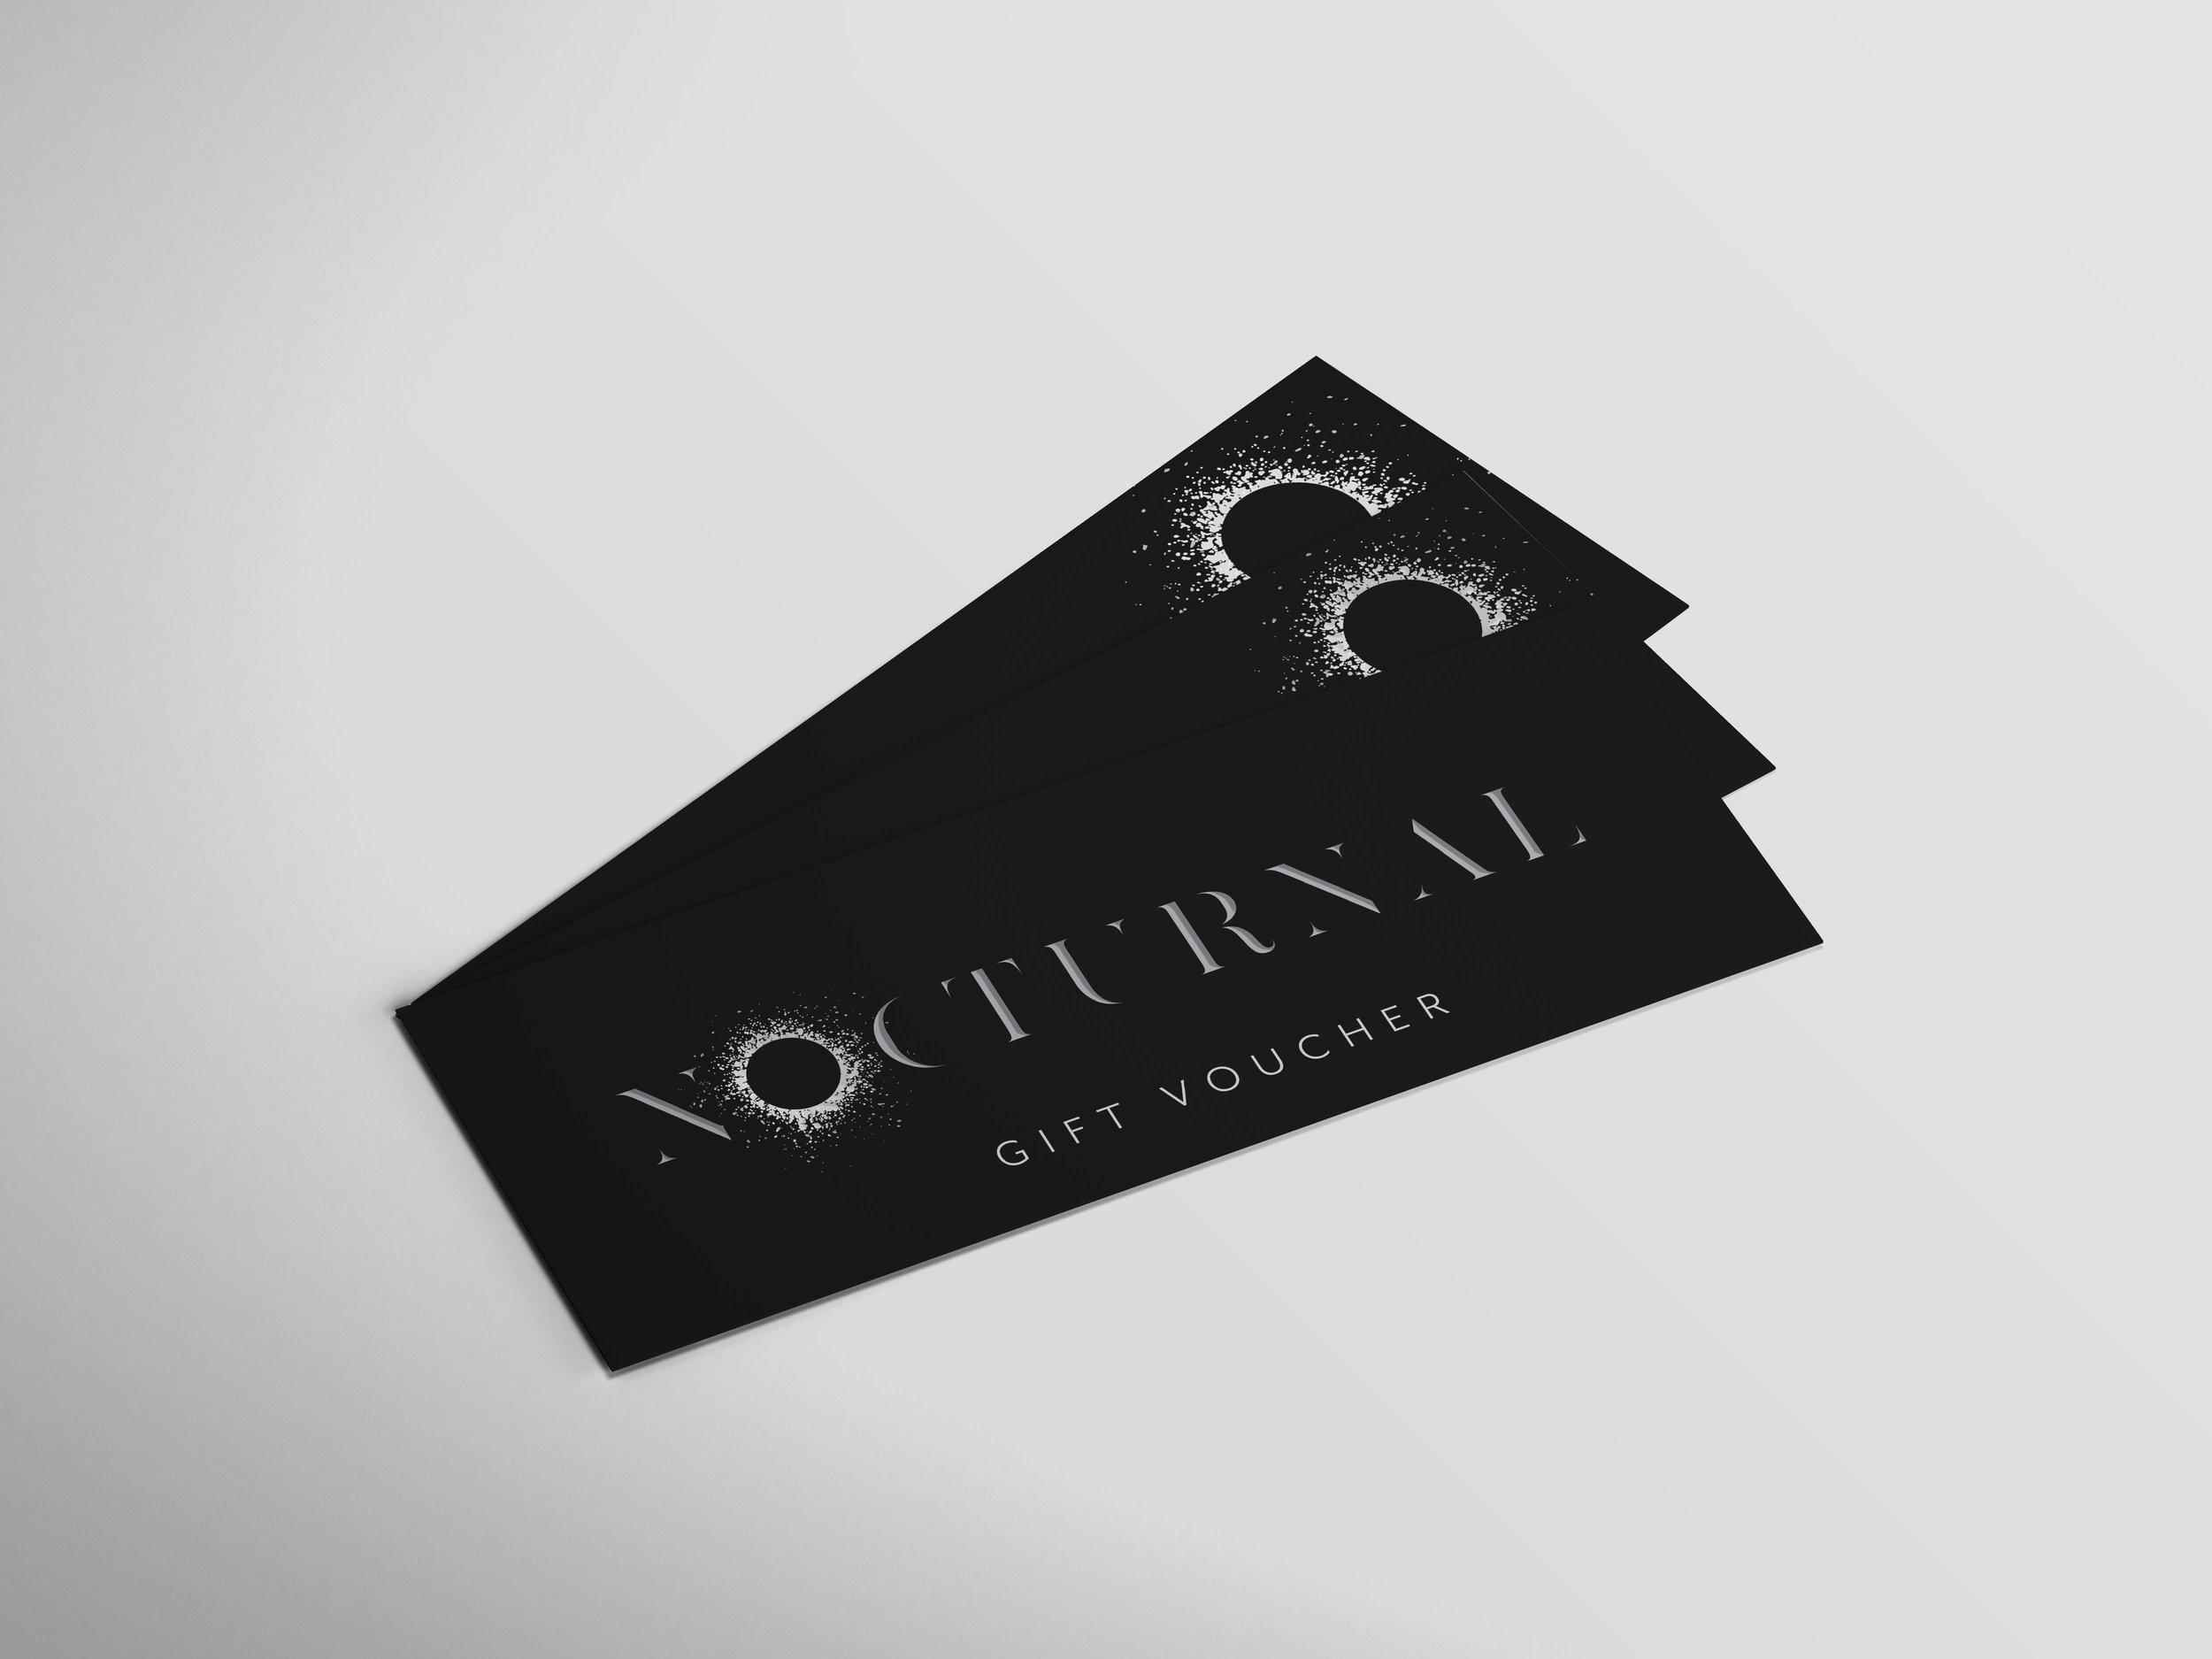 Gift Voucher Mockup.jpg